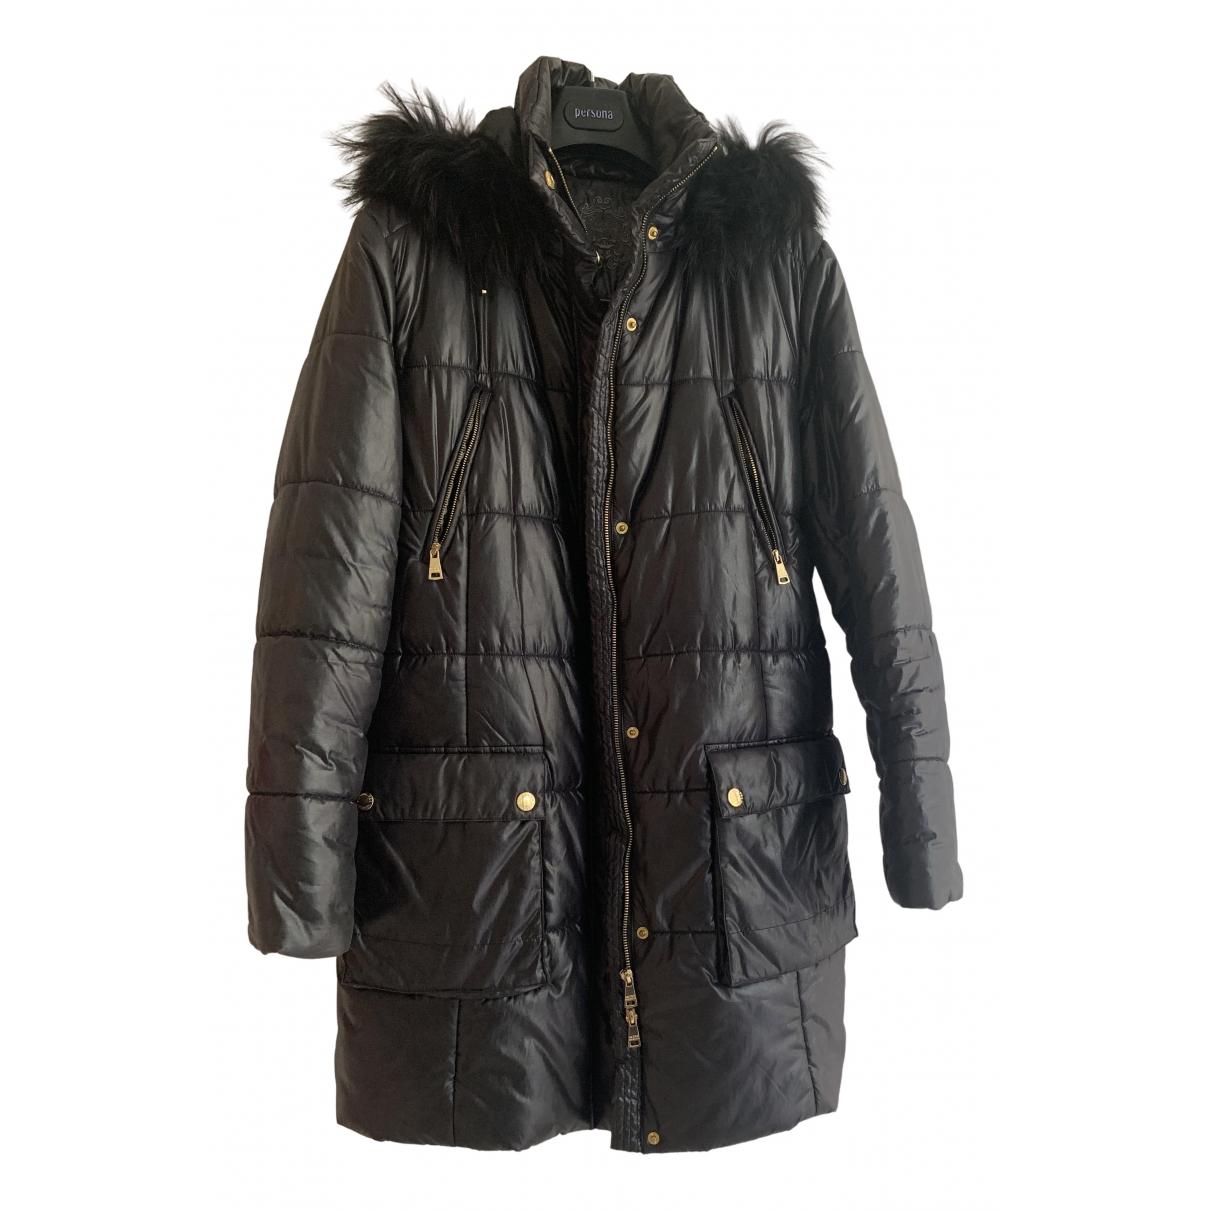 Krizia \N Black Wool jacket for Women 50-52 IT